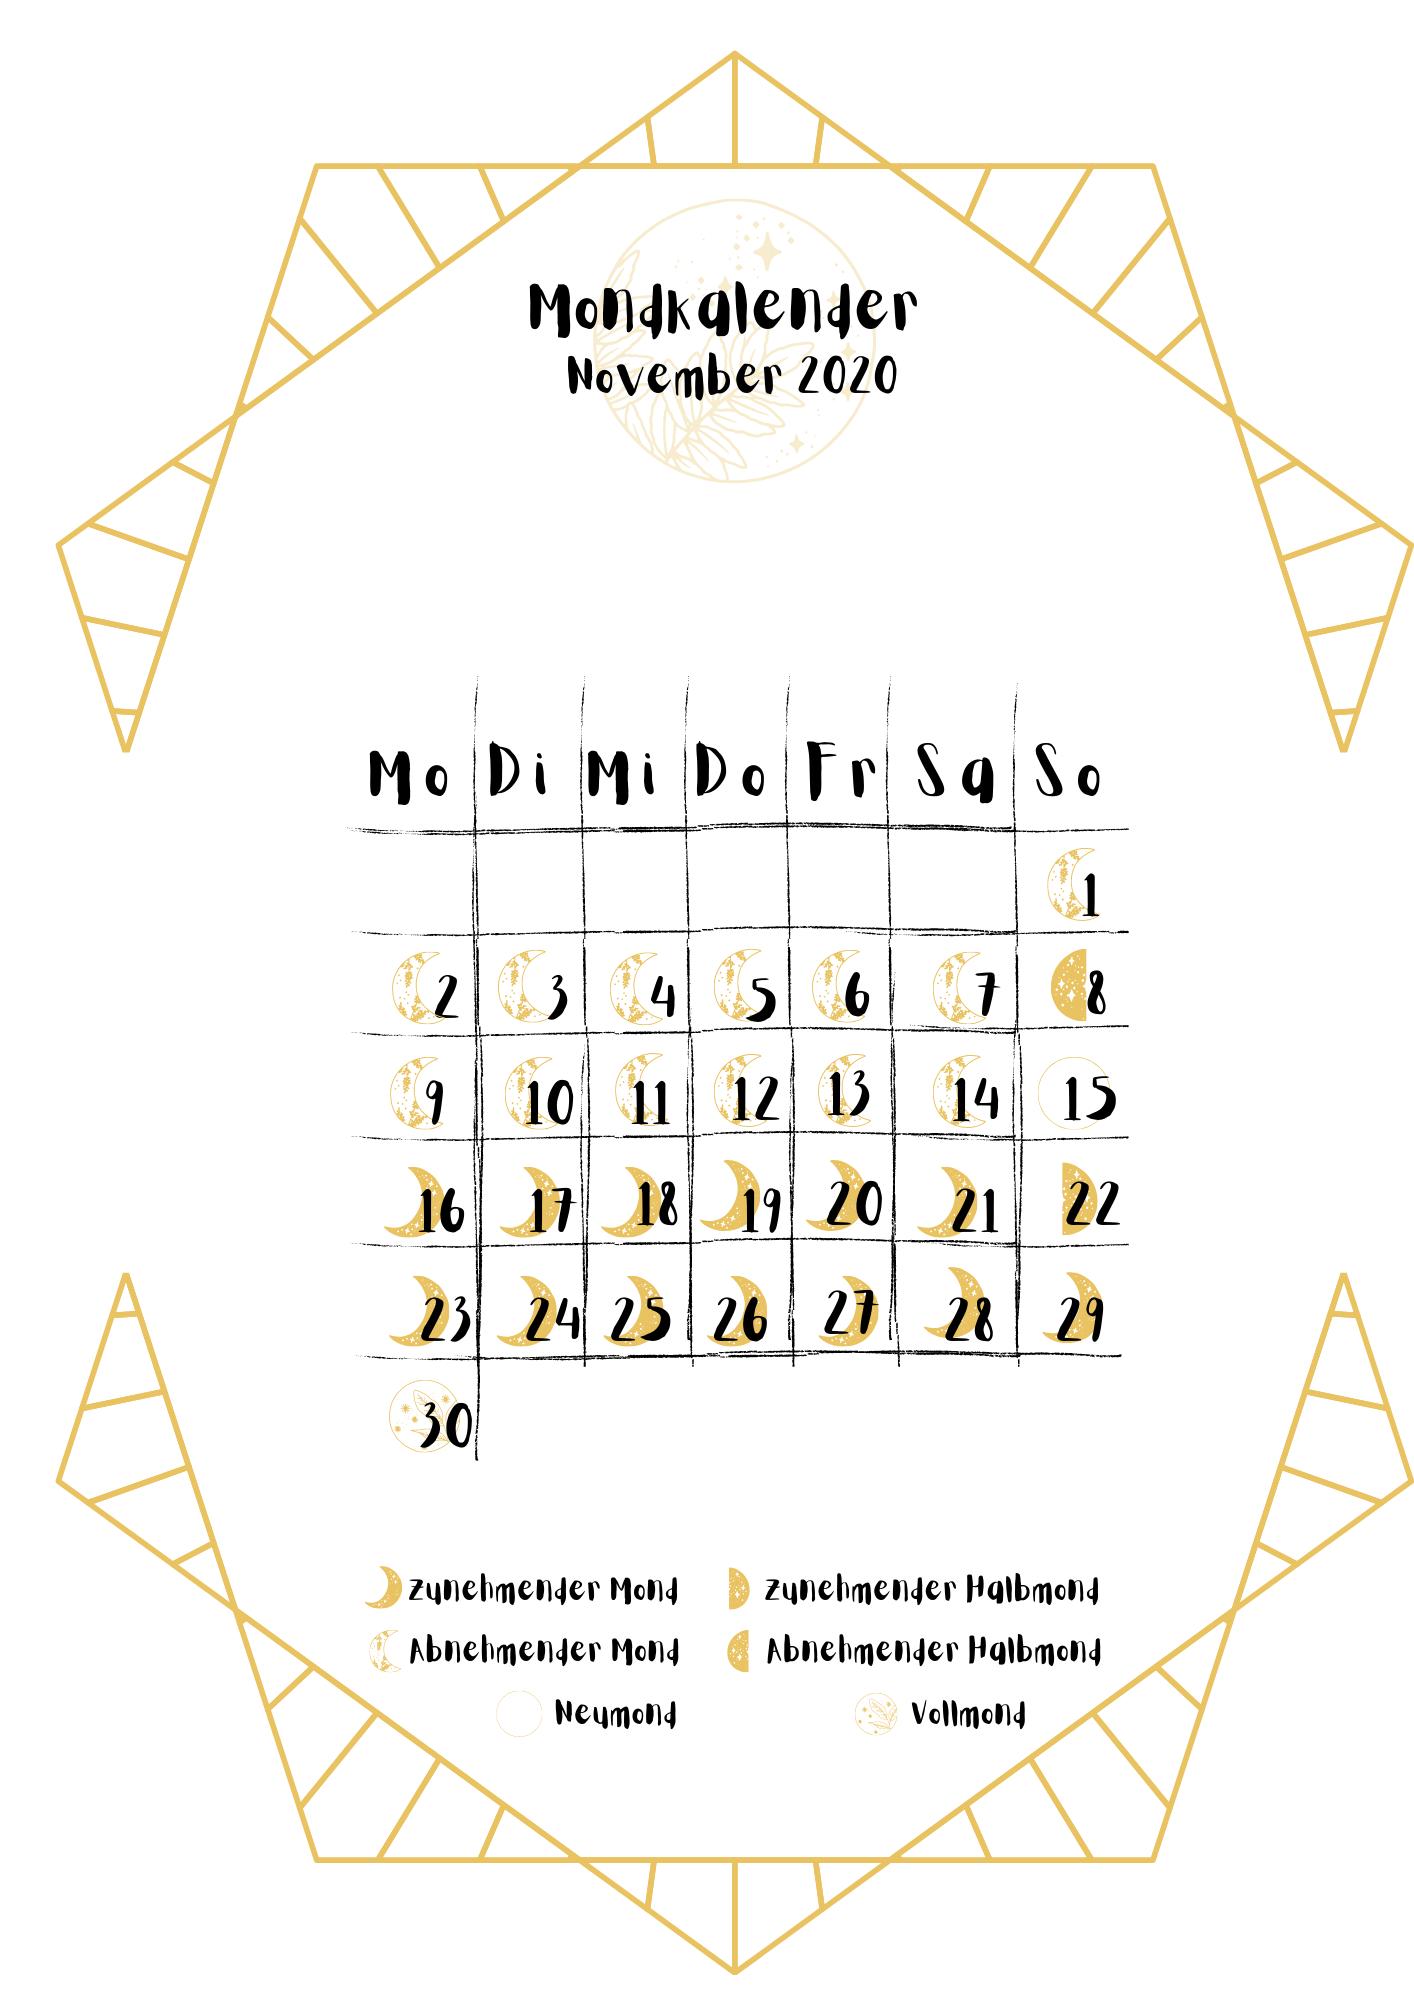 Mondakalender November 2020